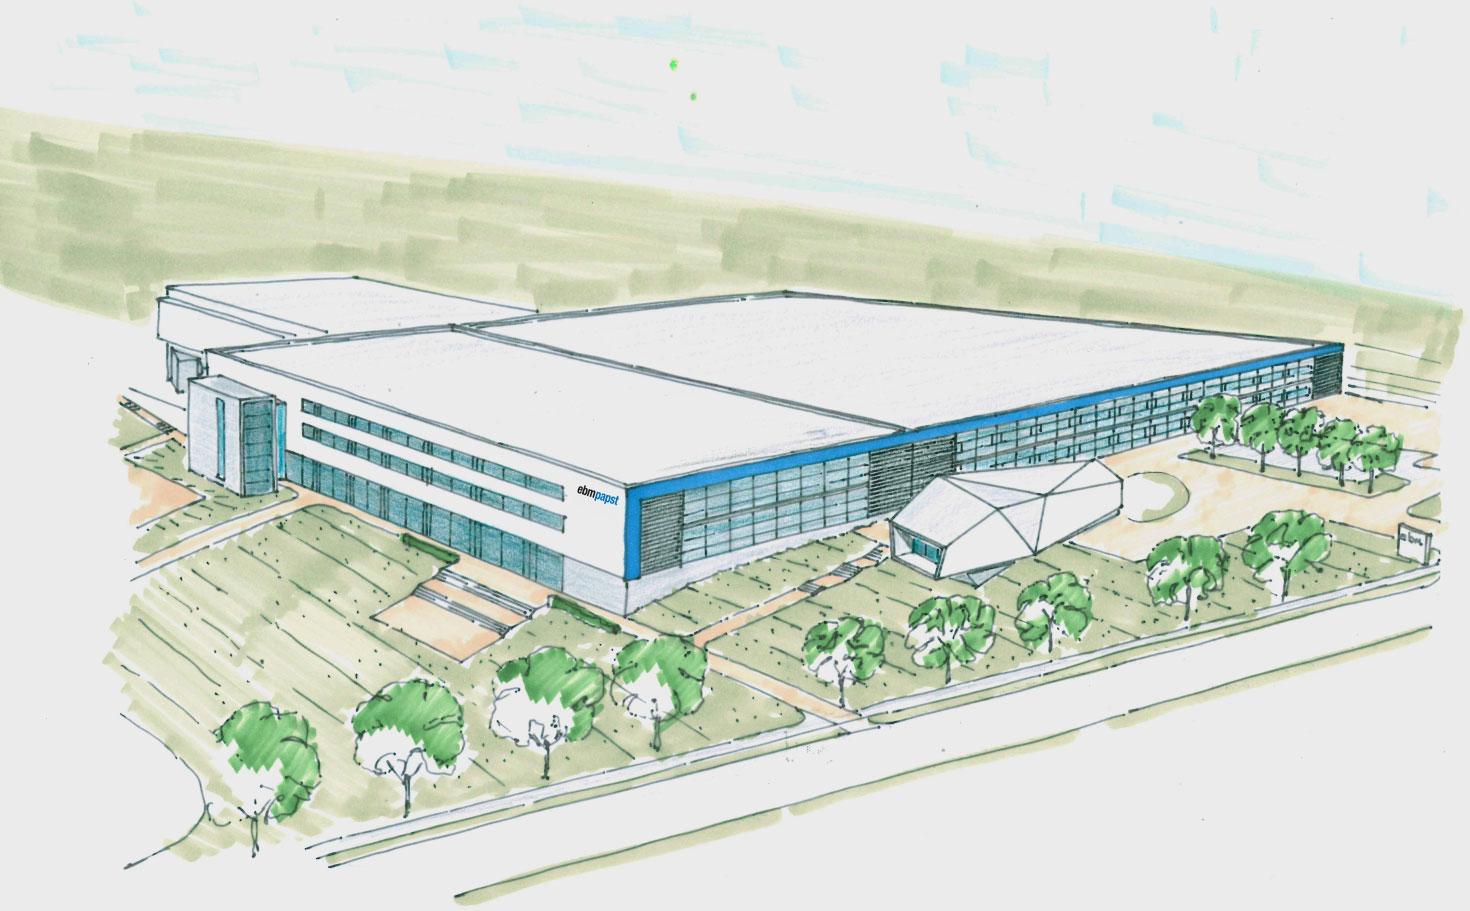 Der Erweiterungsbau mit 10.500m² schafft notwendige Kapazitäten für den Ausbau im Bereich Automobil- und Antriebstechnik / Pressebild